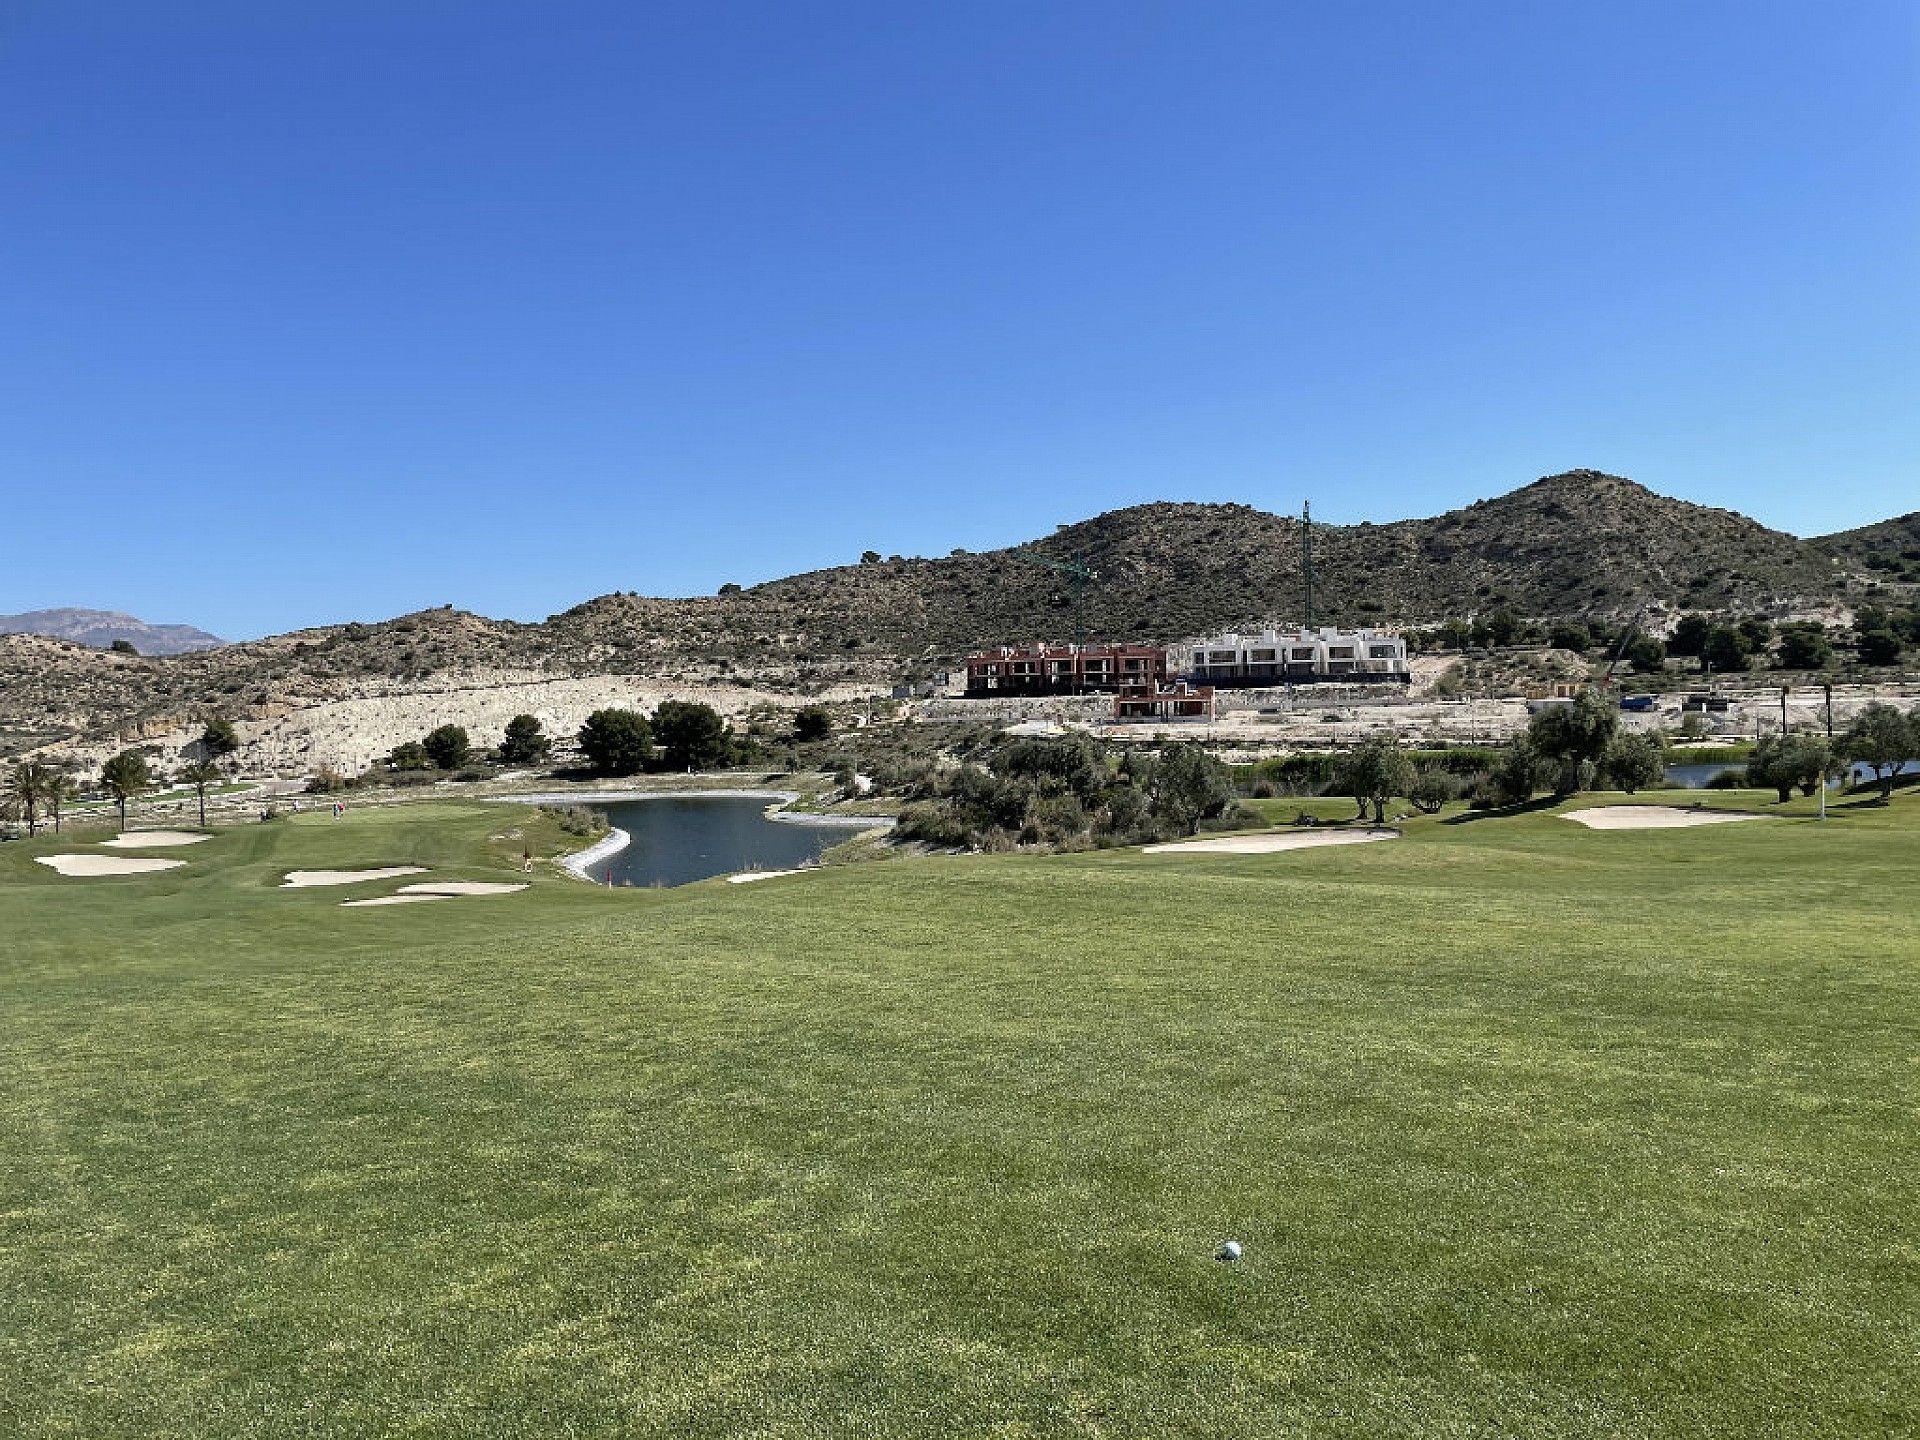 w_nieuwbouw-appartement-te-koop-golf-alicante-montforte-costa-blanca-spanje-golfview-021.jpg